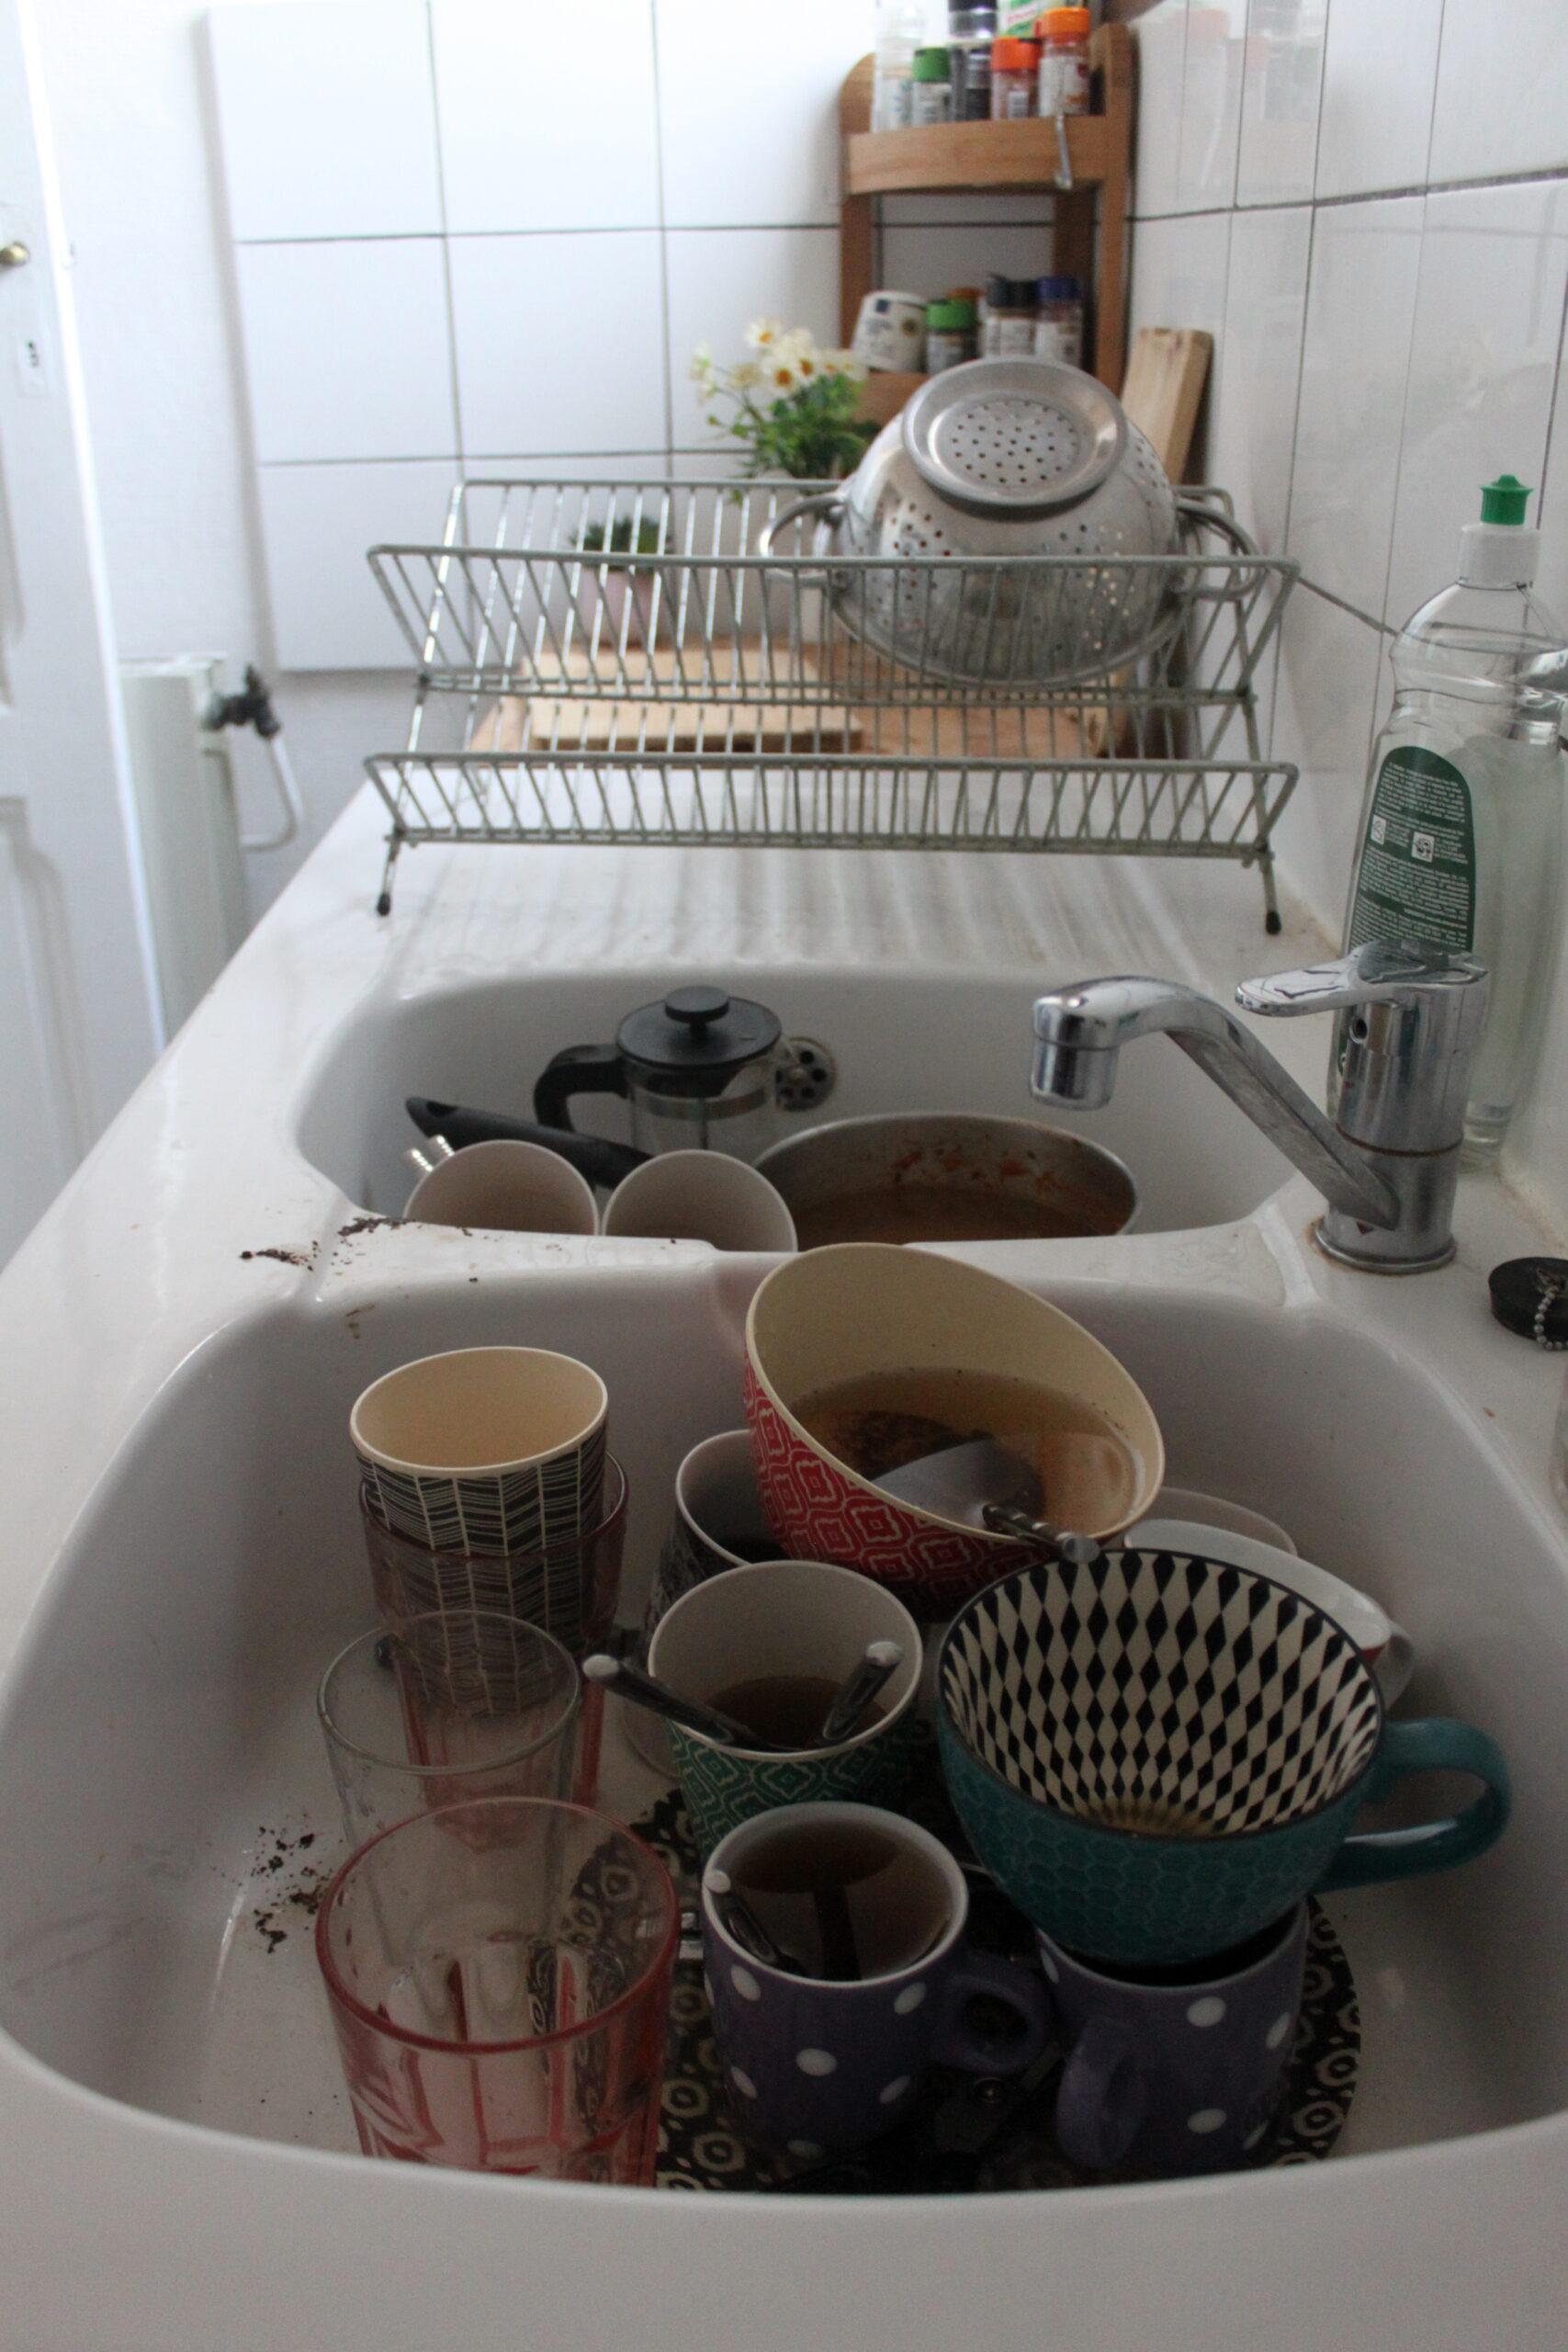 Une pile de vaisselle est dans l'évier de la cuisine. Principalement des tasses car Nina boit beaucoup de café.